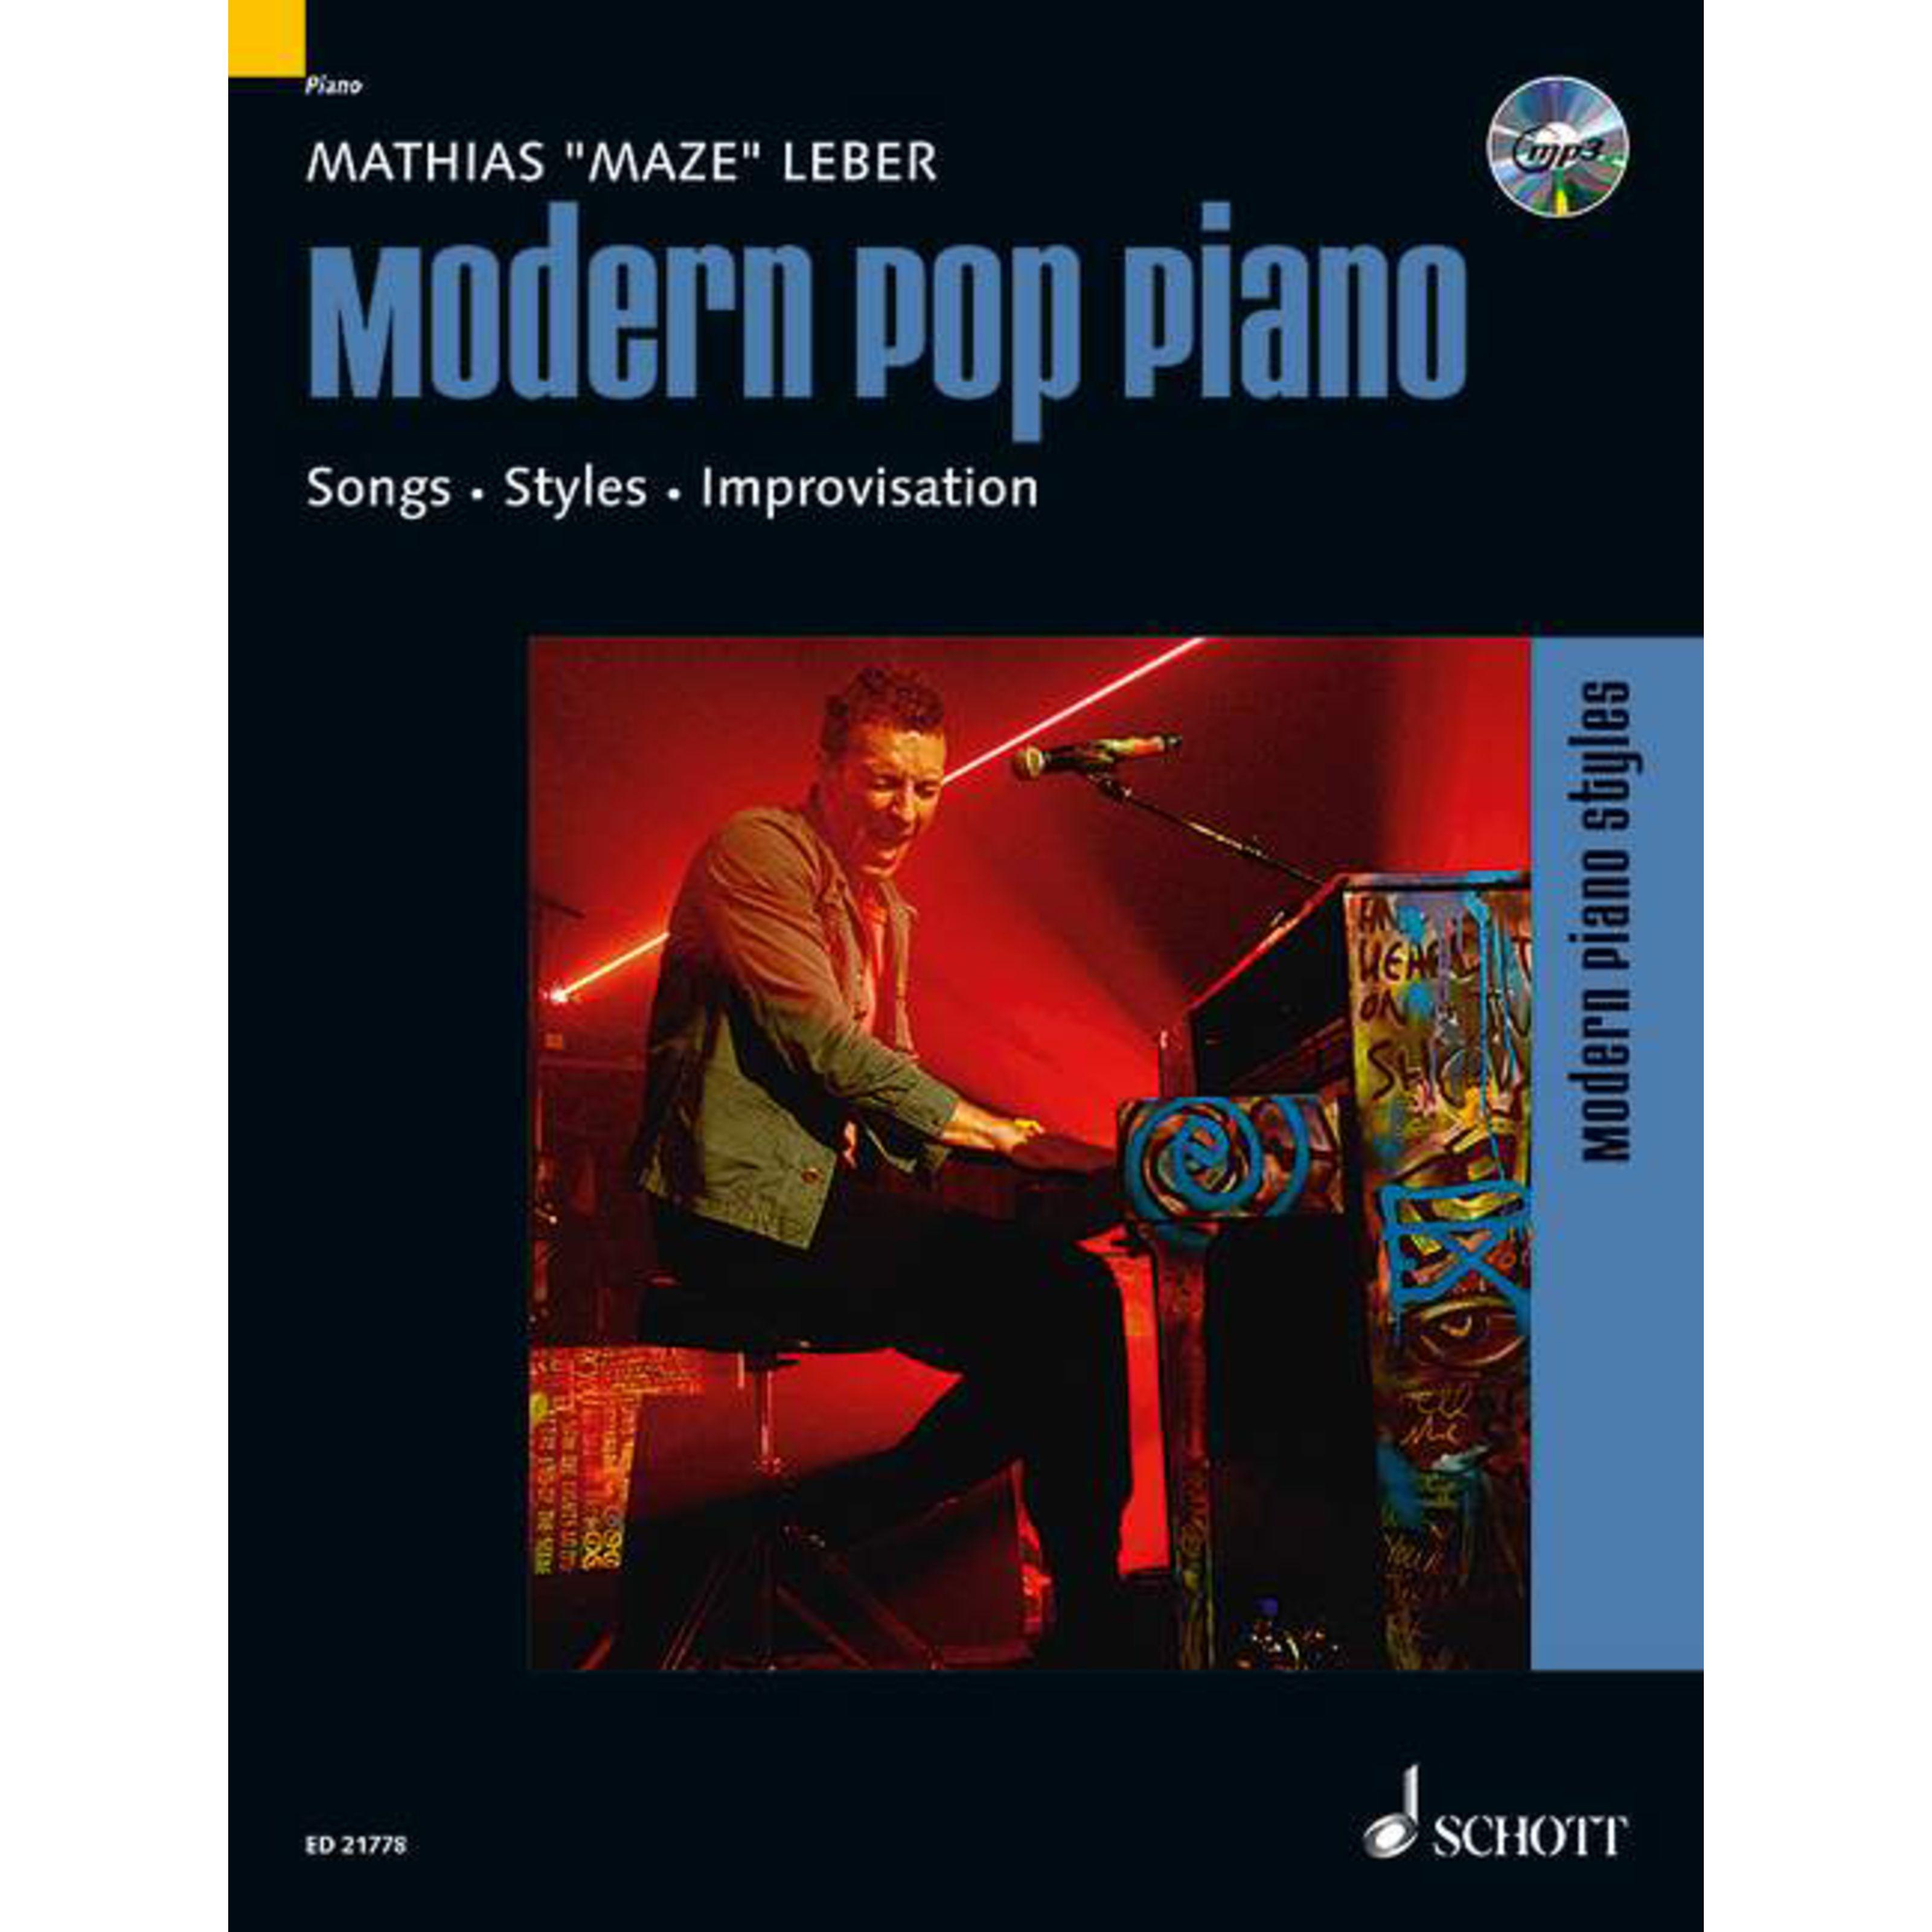 Schott Music - Modern Pop Piano Matthias Leber ED 21778